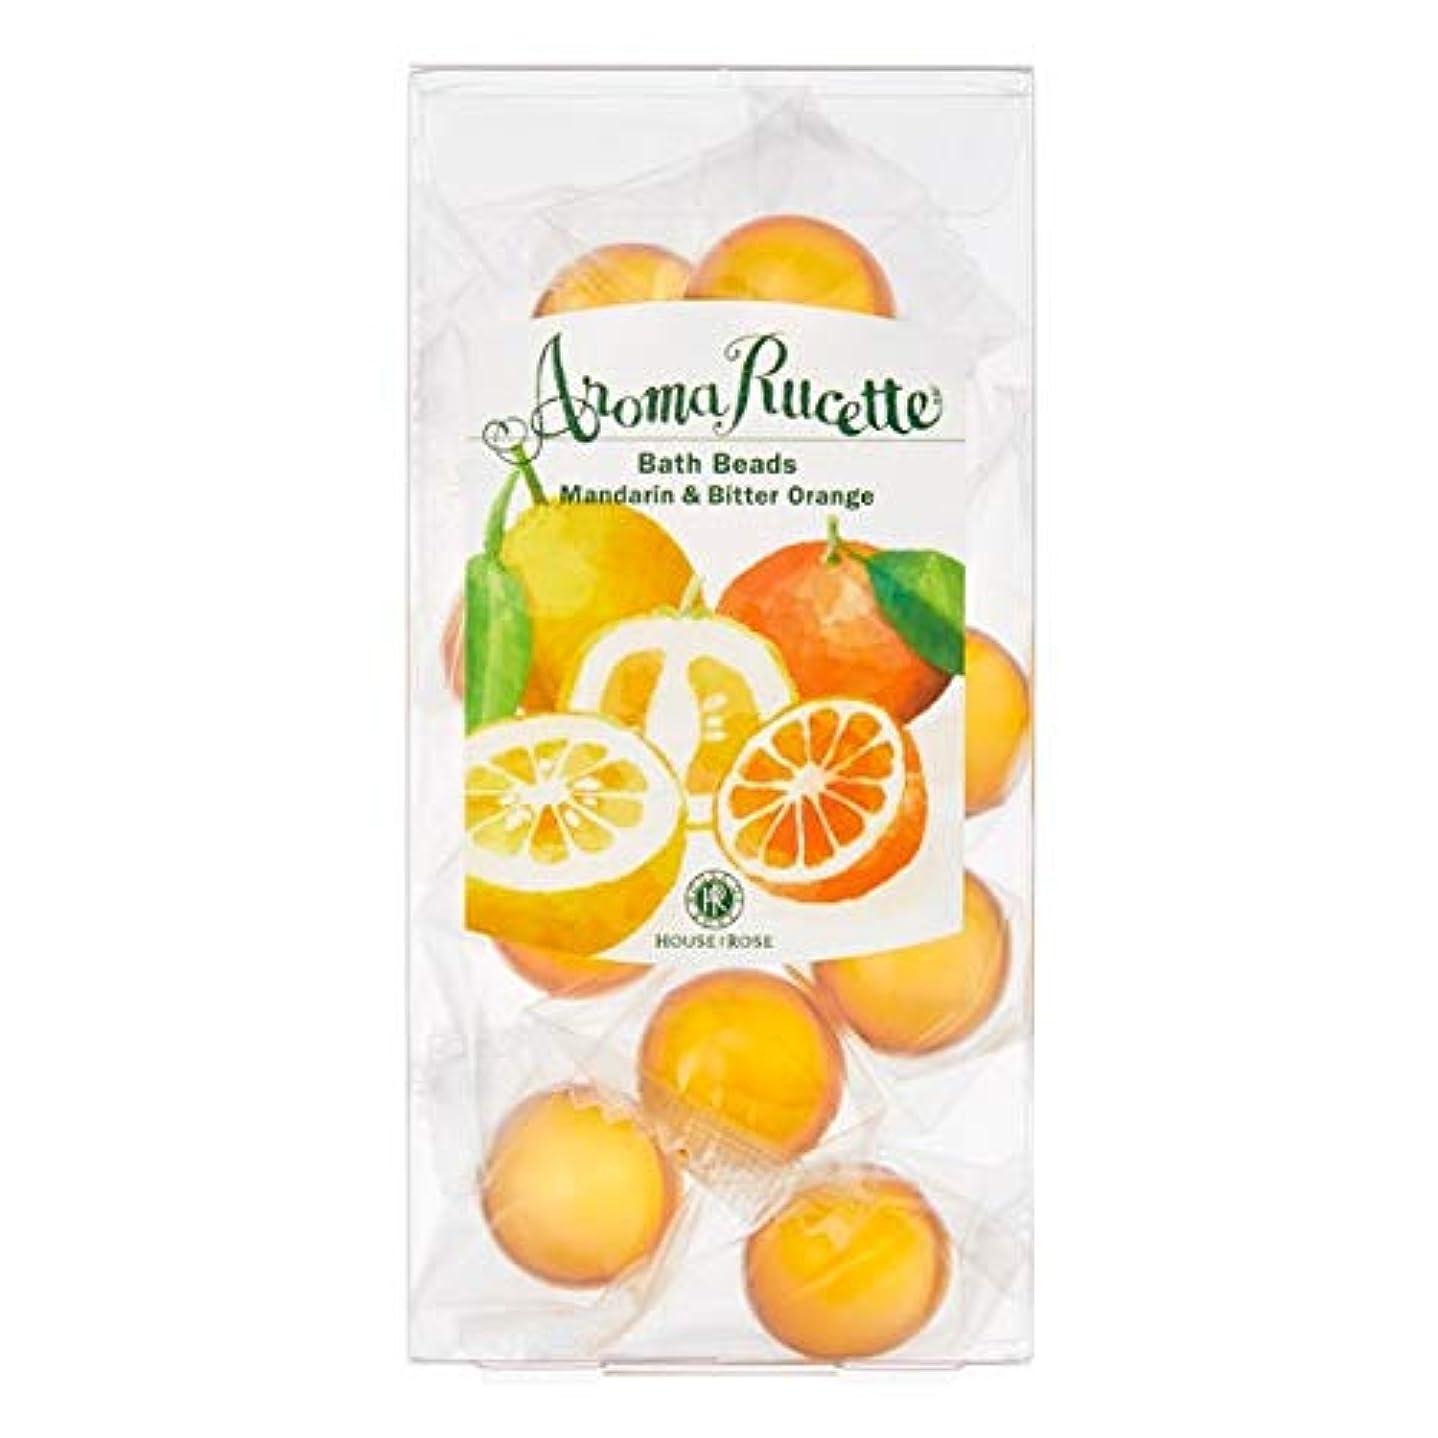 アクチュエータ以前は野心的HOUSE OF ROSE(ハウスオブローゼ) ハウスオブローゼ/アロマルセット バスビーズ MD&BO(マンダリン&ビターオレンジの香り) 7g×11個